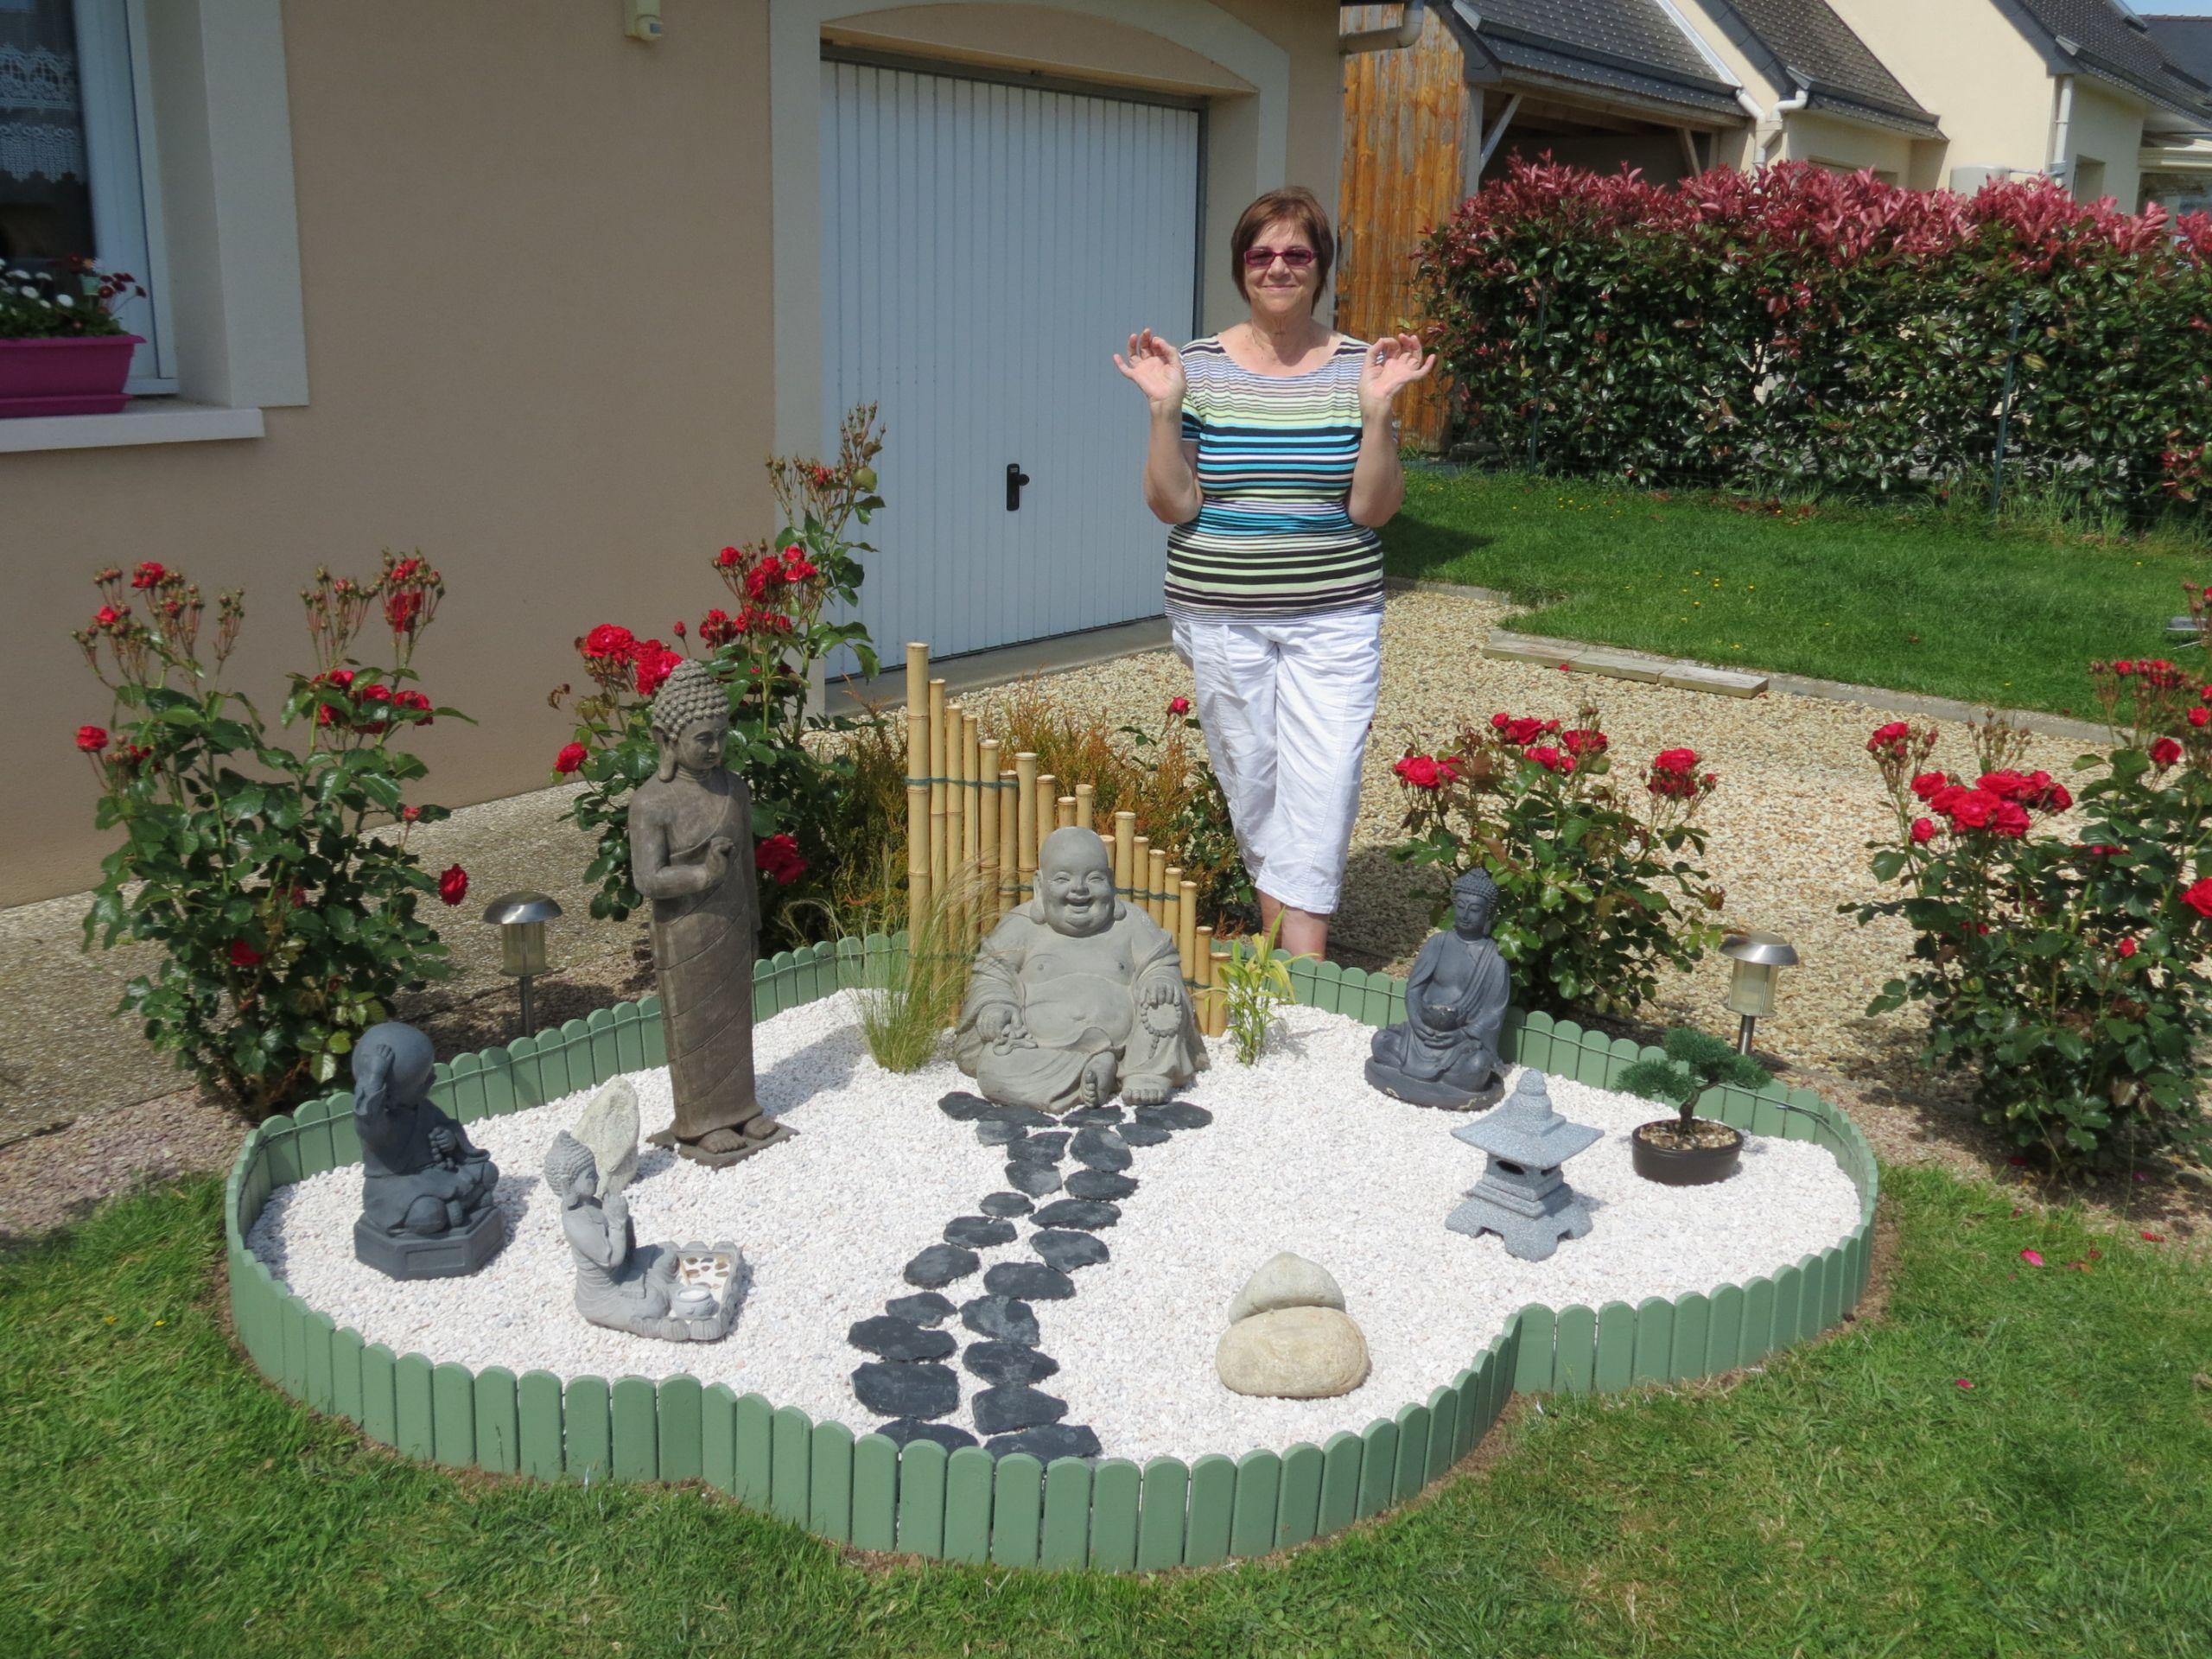 Modele De Jardin Japonais Concept - Idees Conception Jardin intérieur Modele De Jardin Japonais